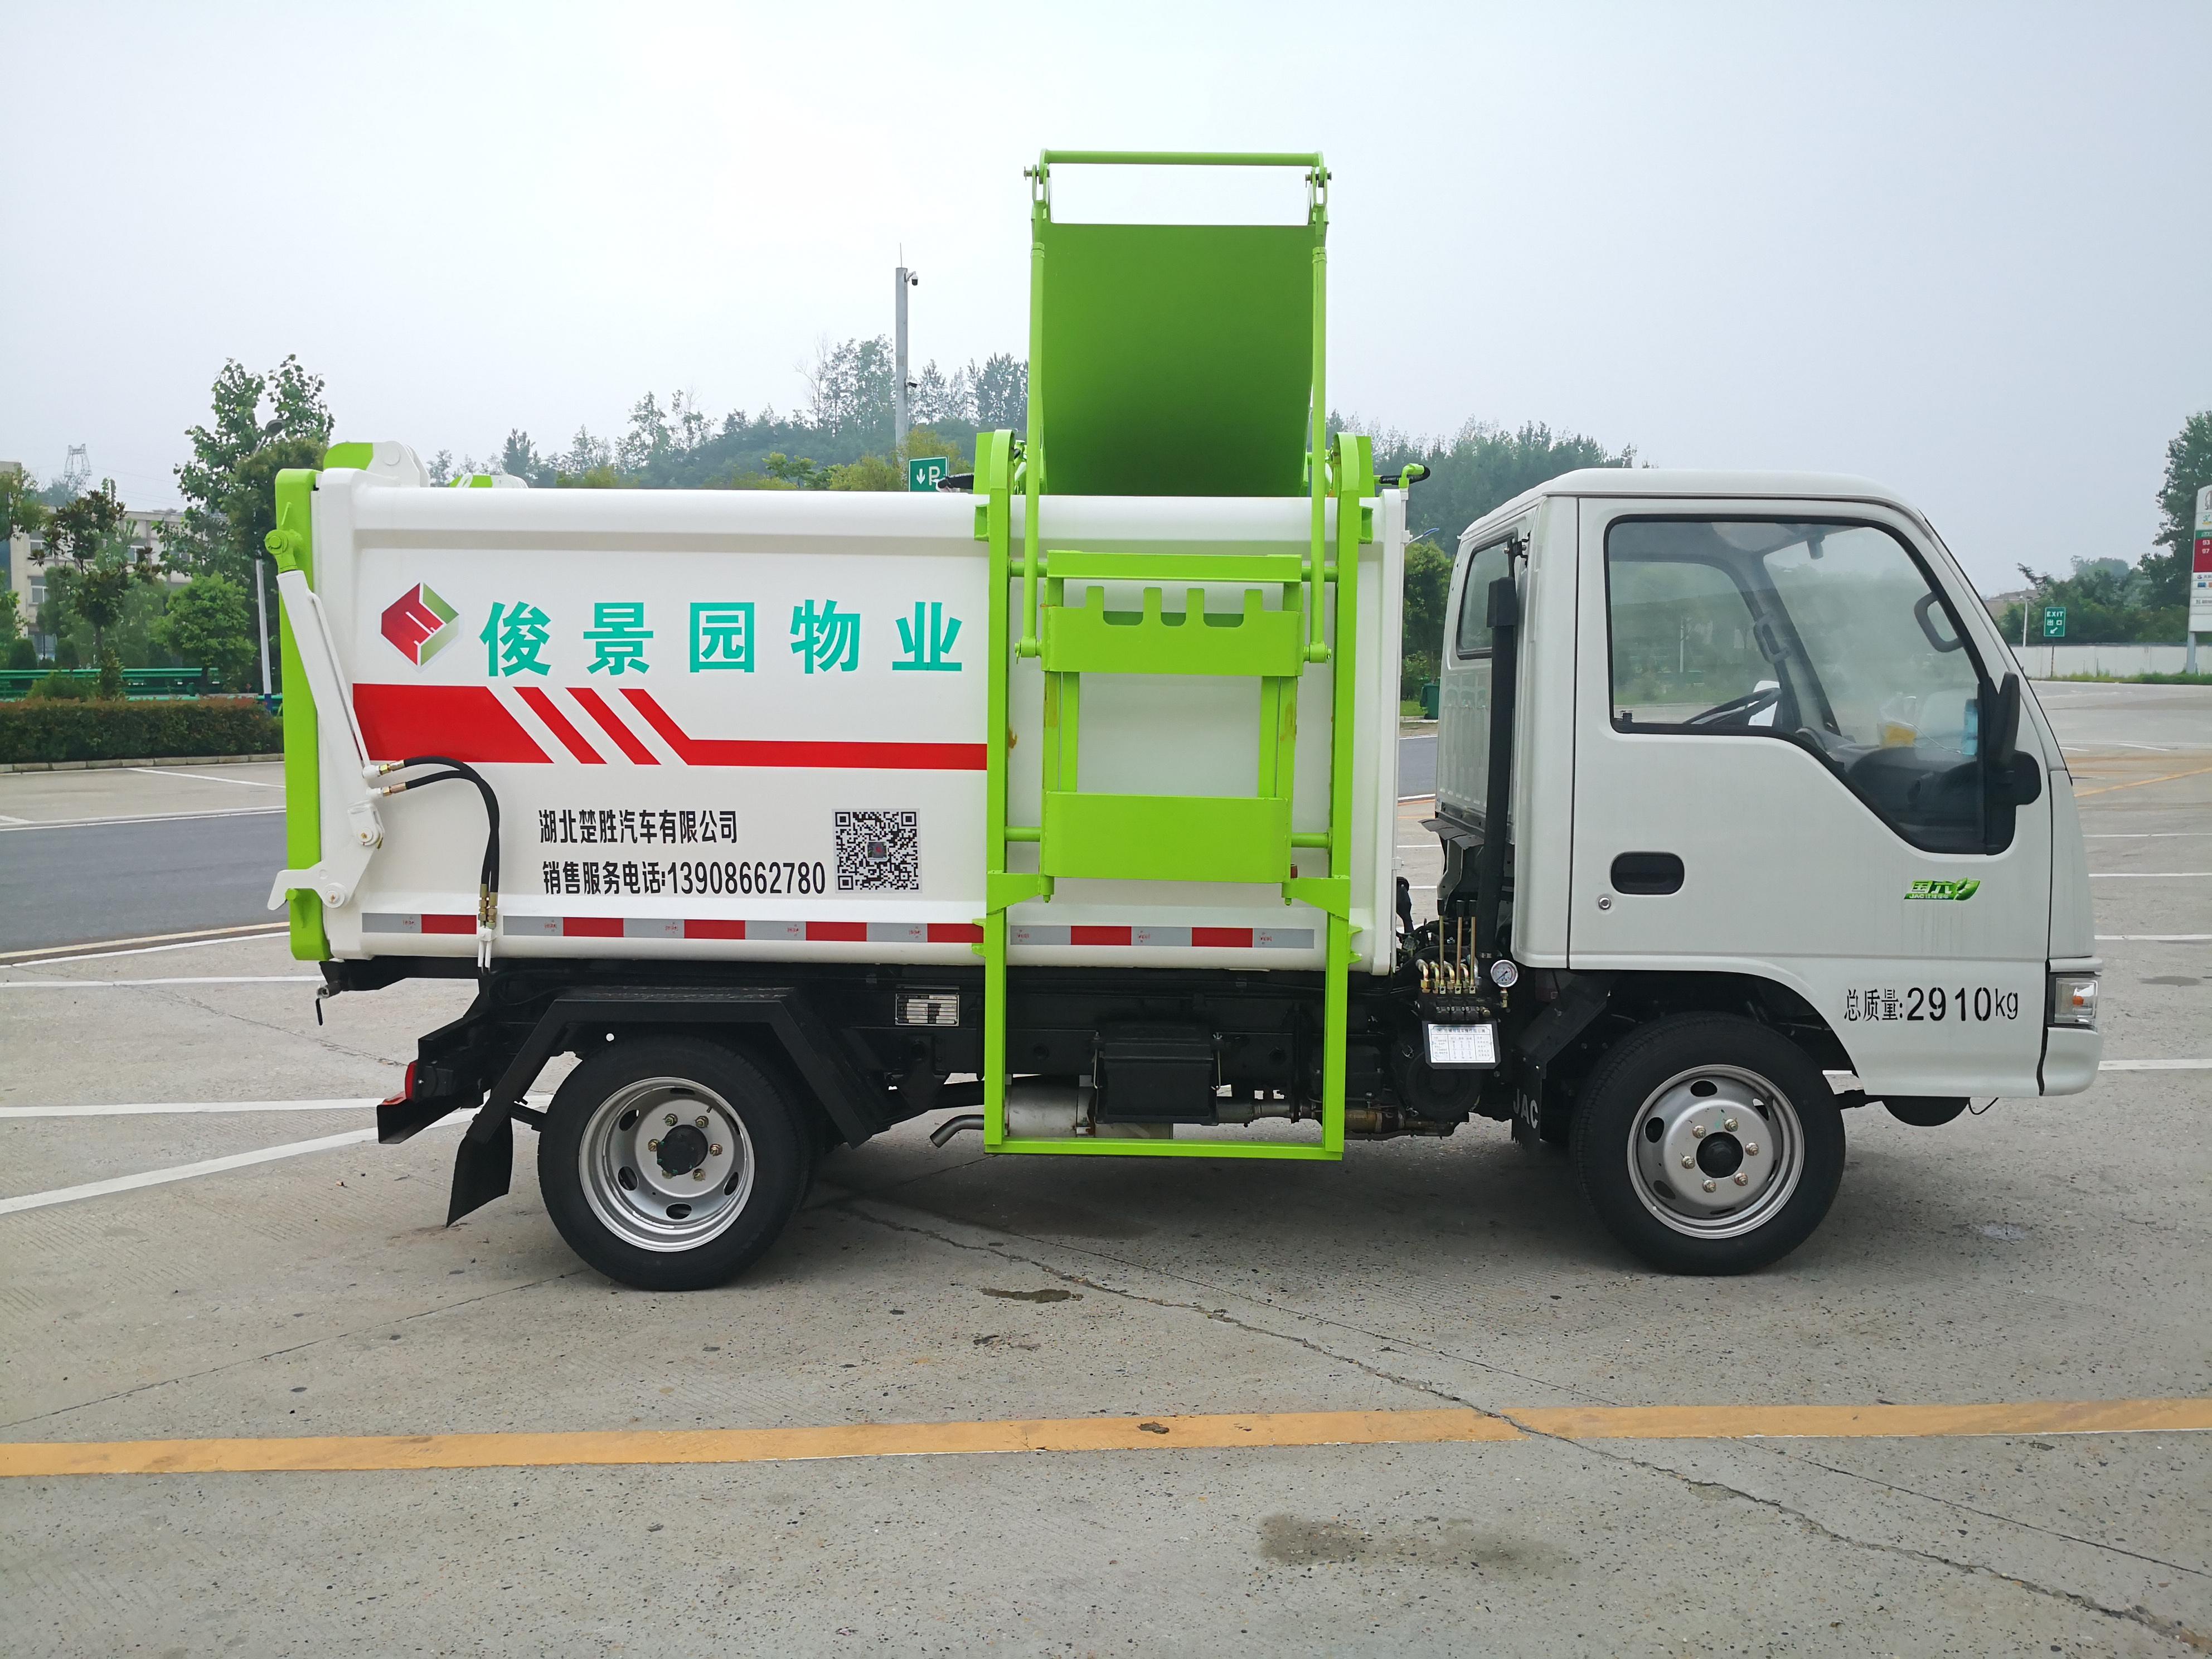 江淮4方汽油发动机挂桶垃圾车